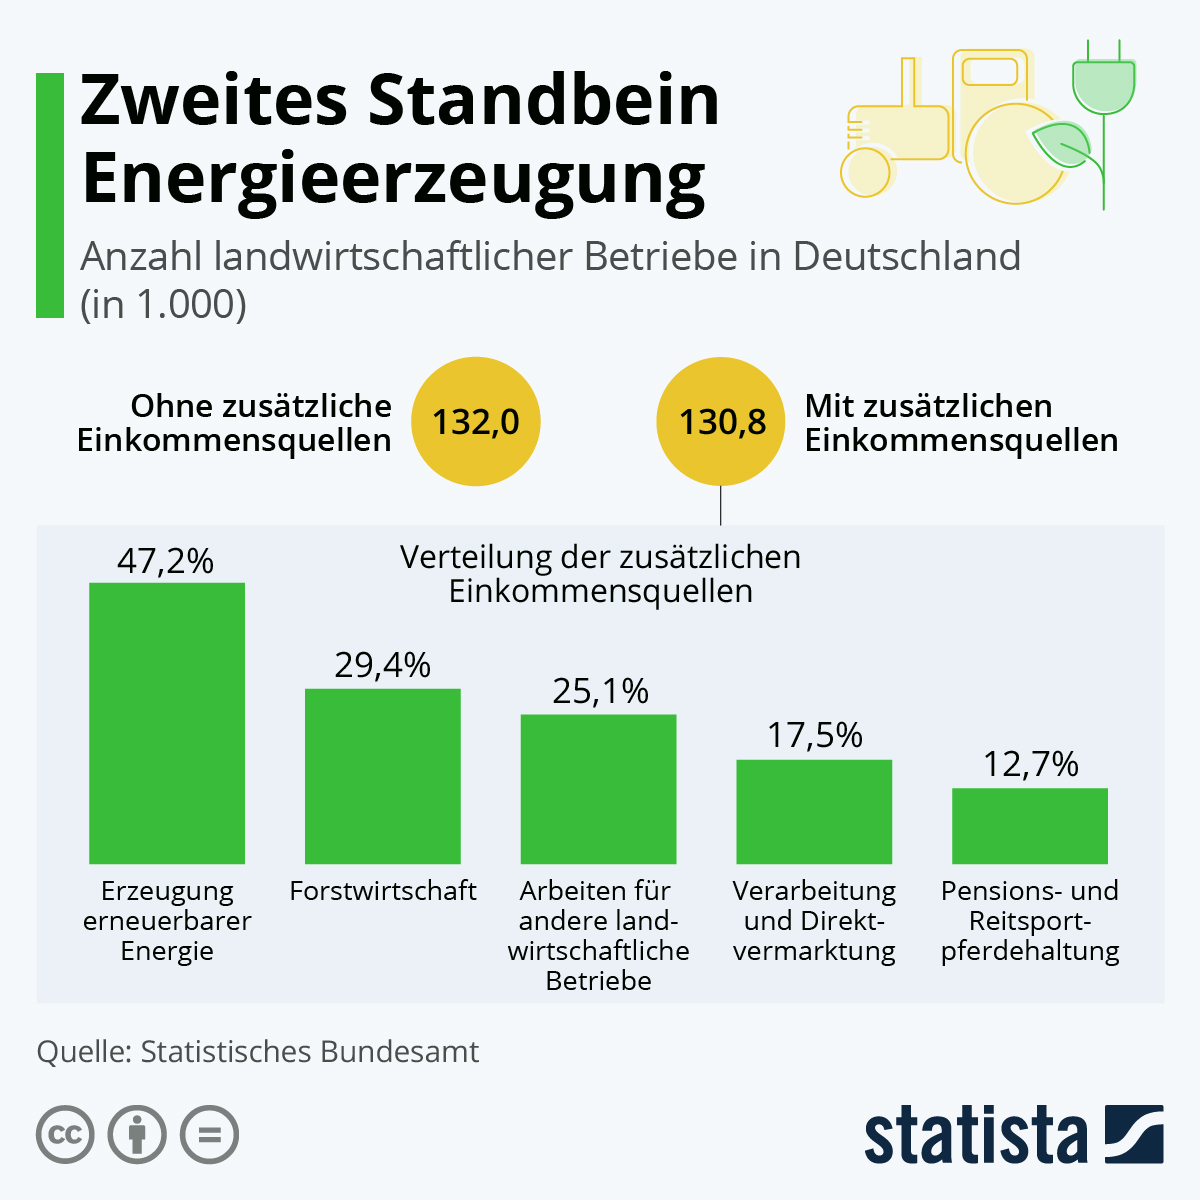 Zweites Standbein Energieerzeugung | Statista